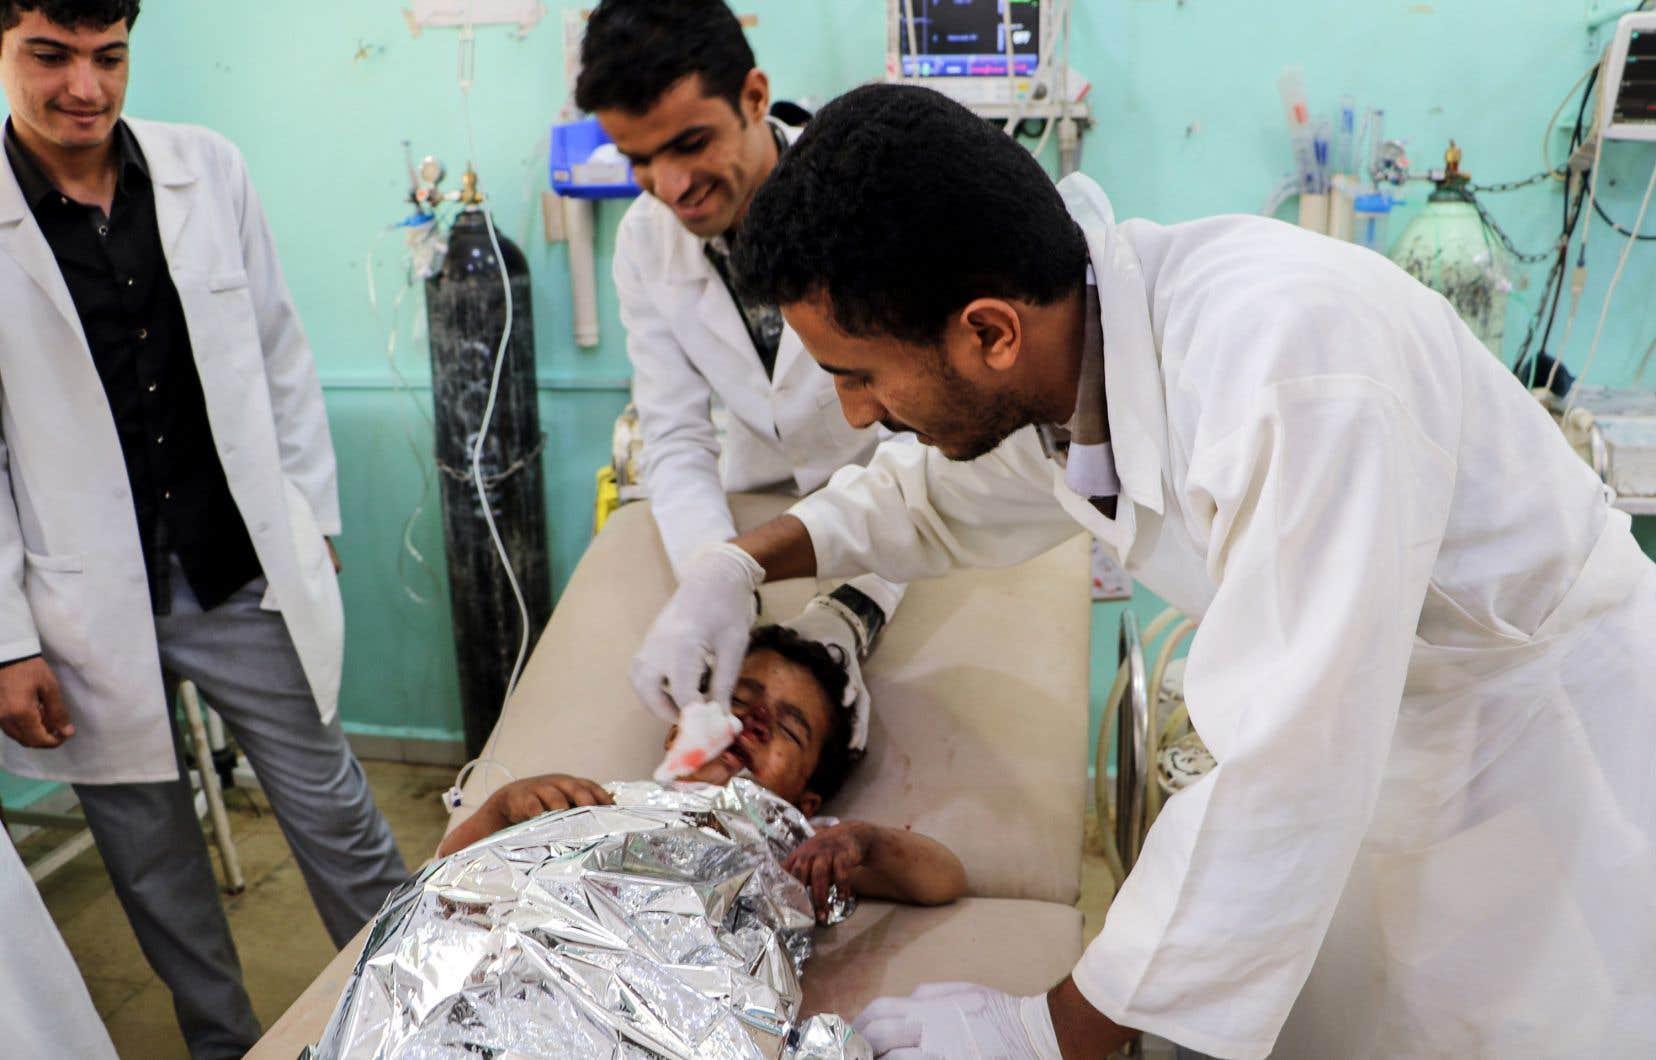 Un hôpital soutenu par la Croix-Rouge «a reçu les corps de 29 enfants âgés de moins de 15 ans et 48 blessés, dont 30 enfants», a indiqué l'organisation internationale sur Twitter.